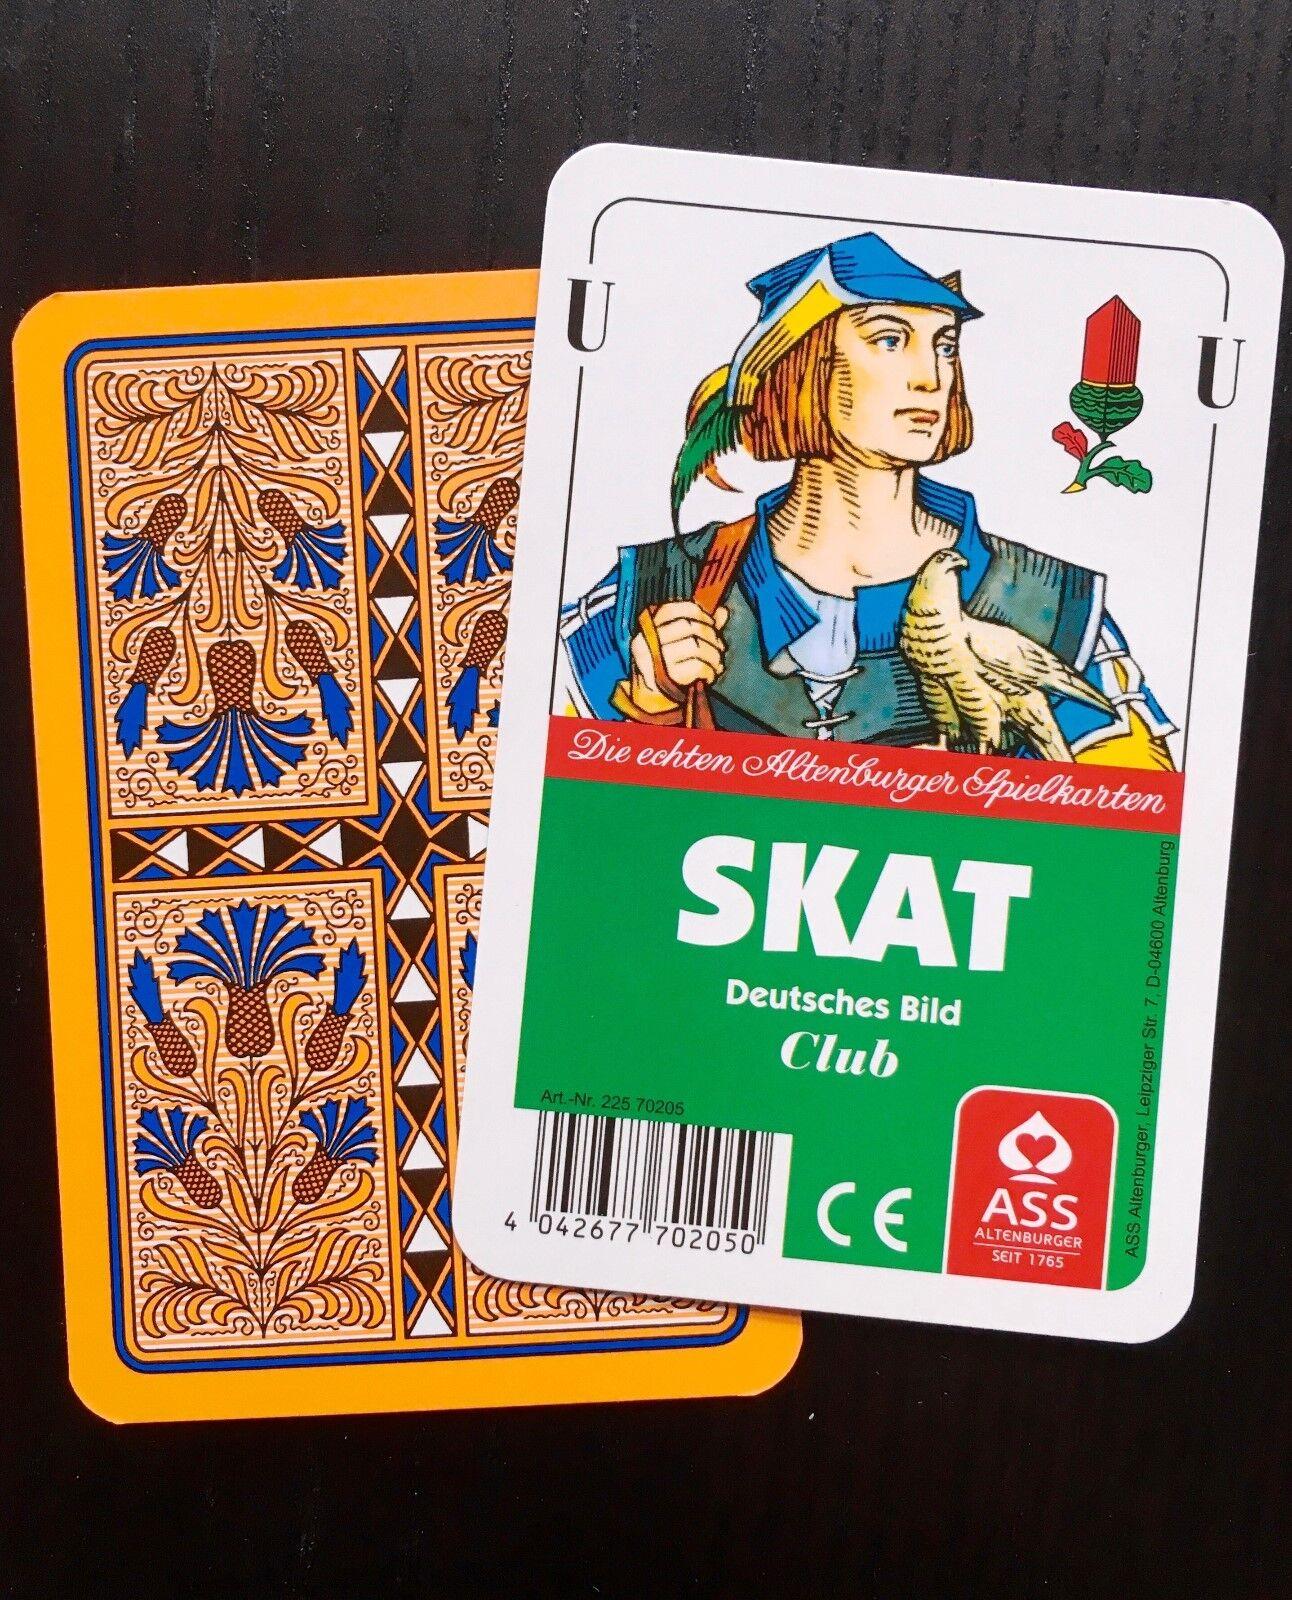 10 ASS Skat Karten Q Skat Blatt Club Deutsches Bild Kornblume,Spielkarten, Q Karten 872a90